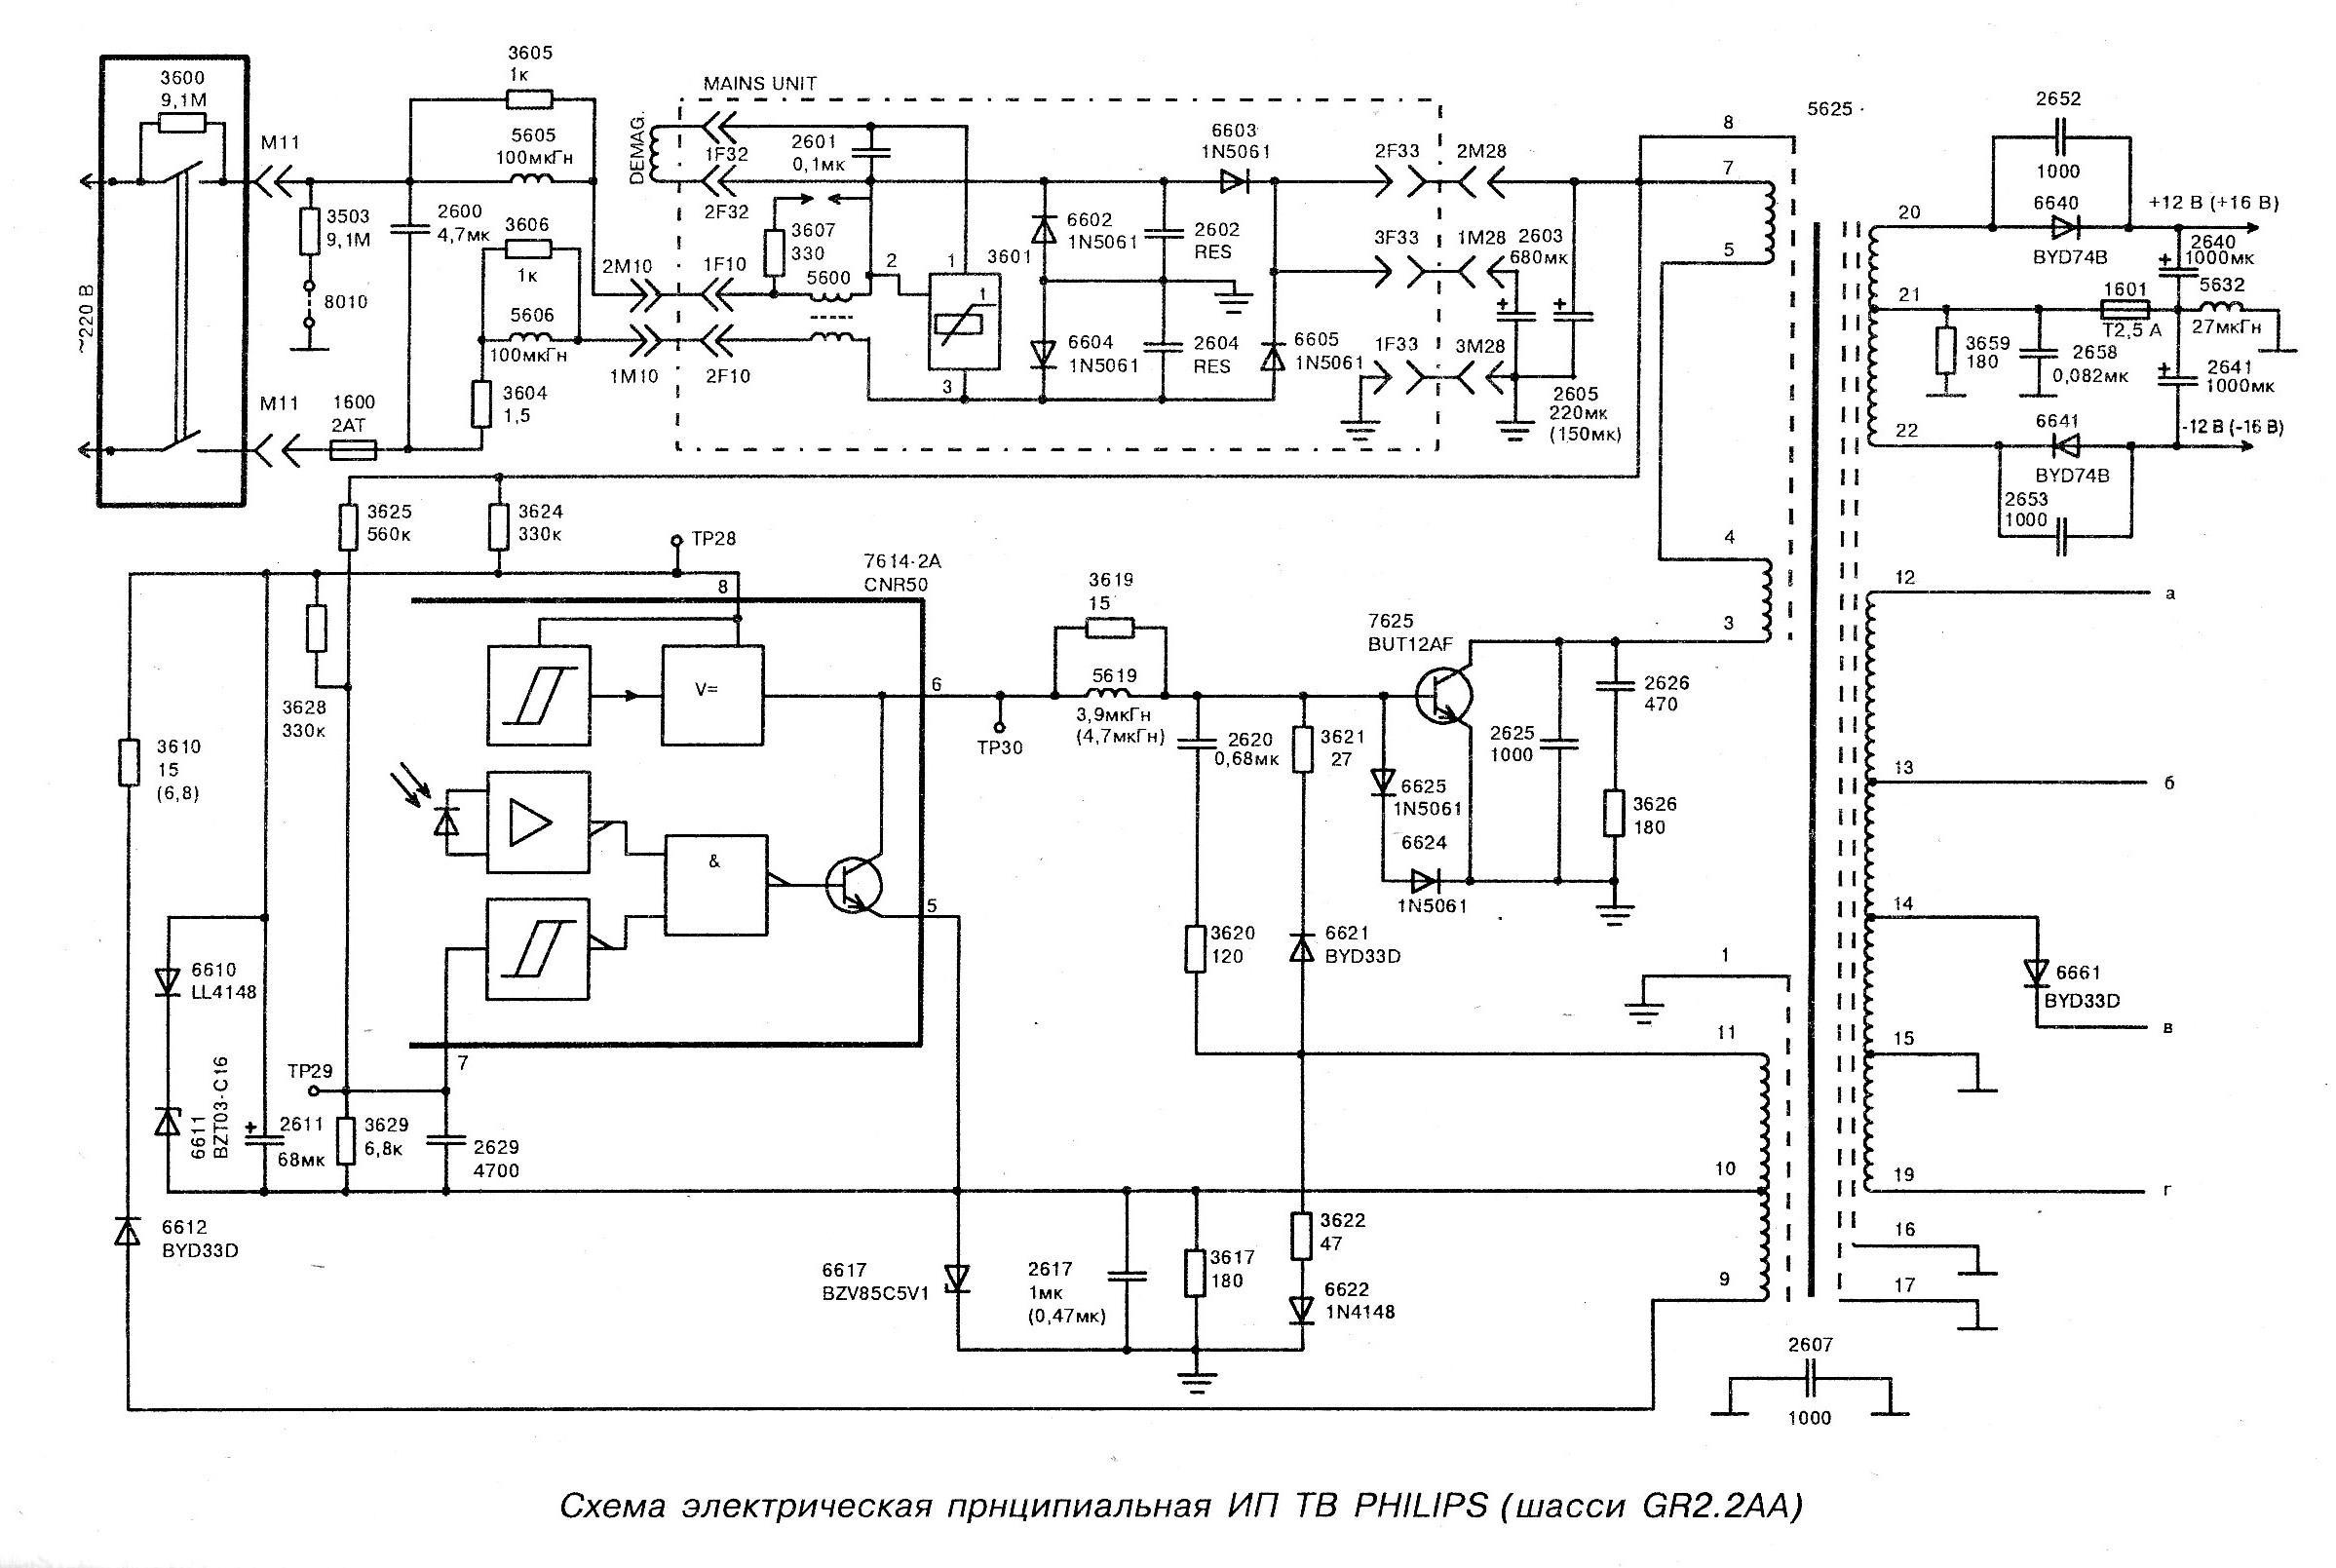 Блок схема телевизора филипс